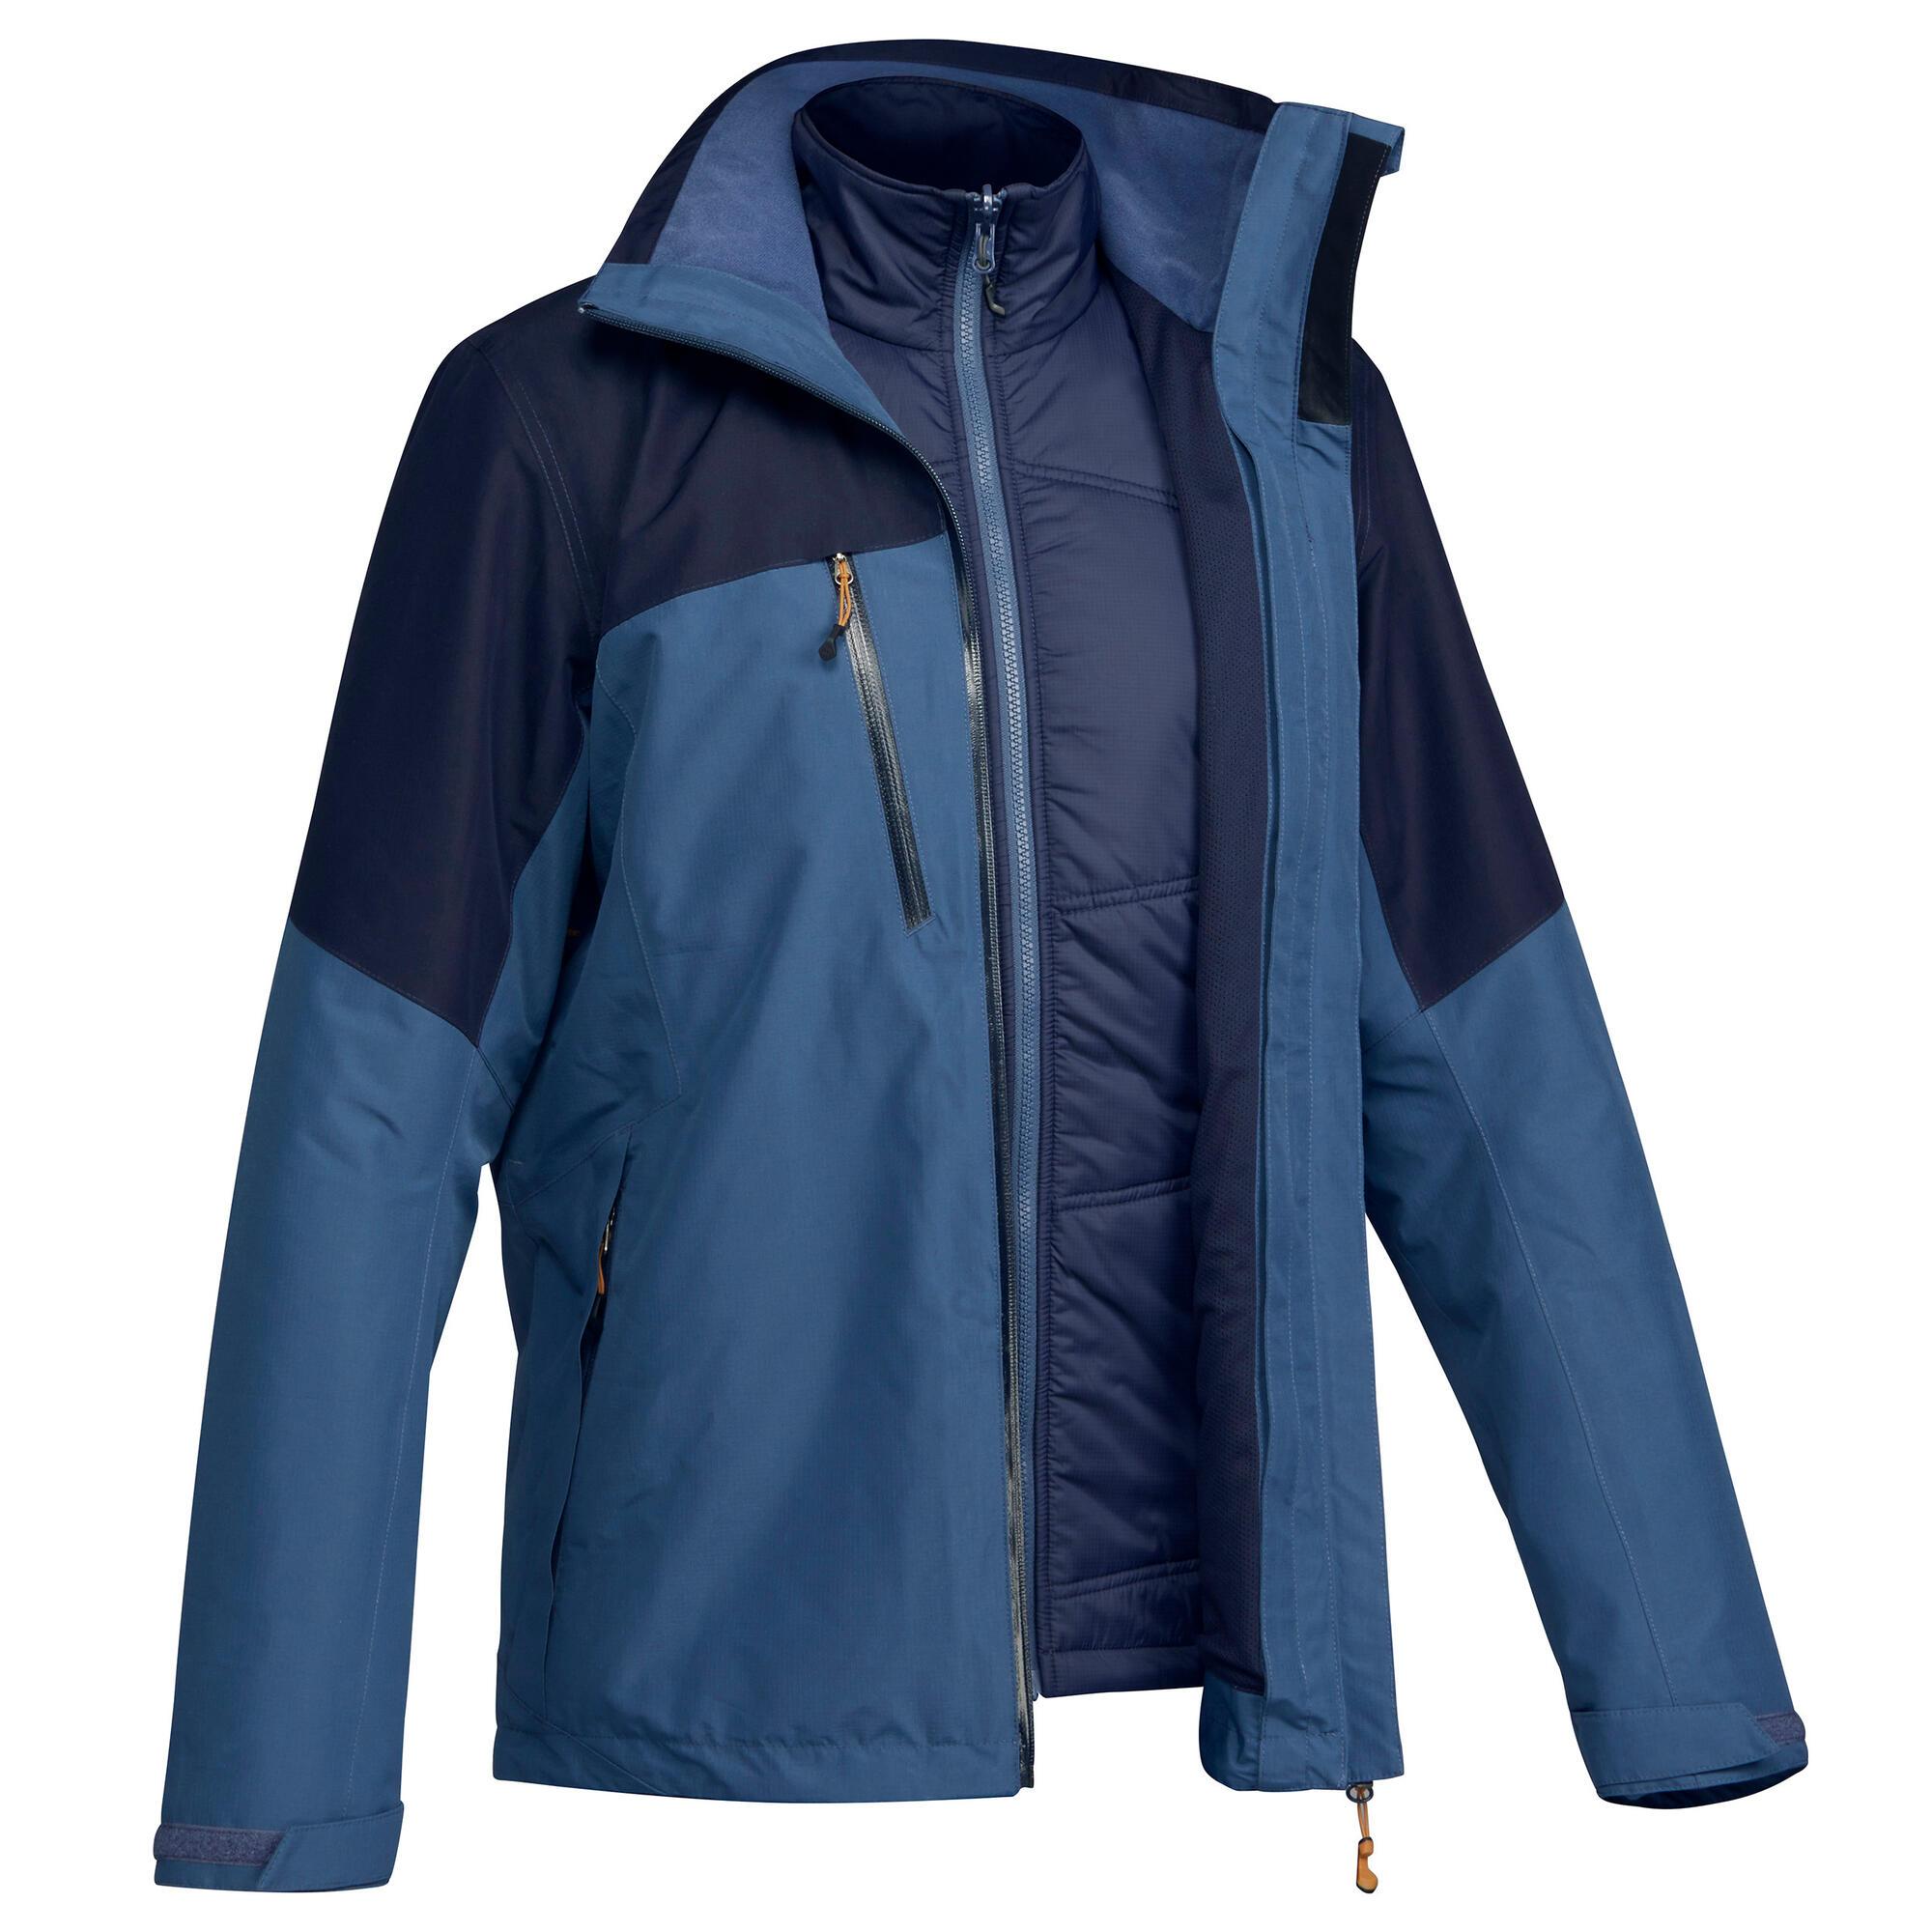 Homme 500 Quechua Veste Bleu 3en1 Trekking Rainwarm FHcy1U